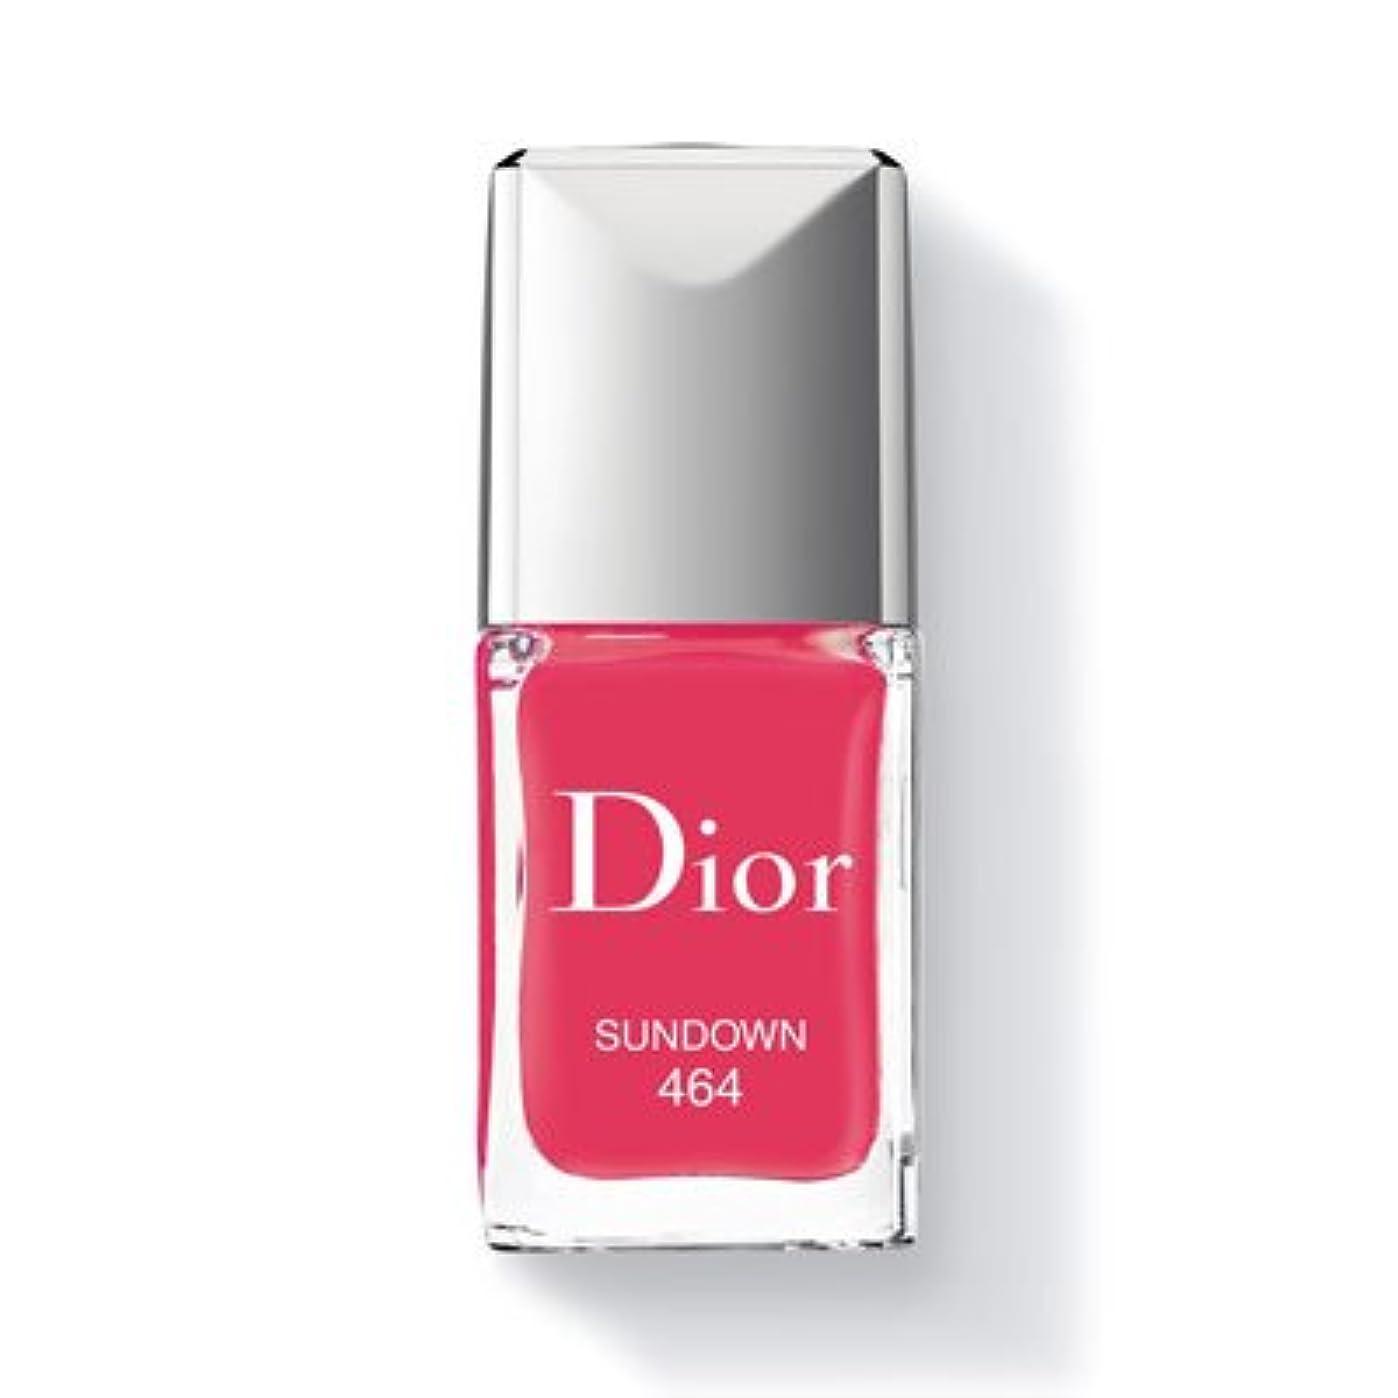 履歴書衣服簡潔なChristian Dior クリスチャン ディオール ディオール ヴェルニ #464 SUNDOWN 10ml [並行輸入品]